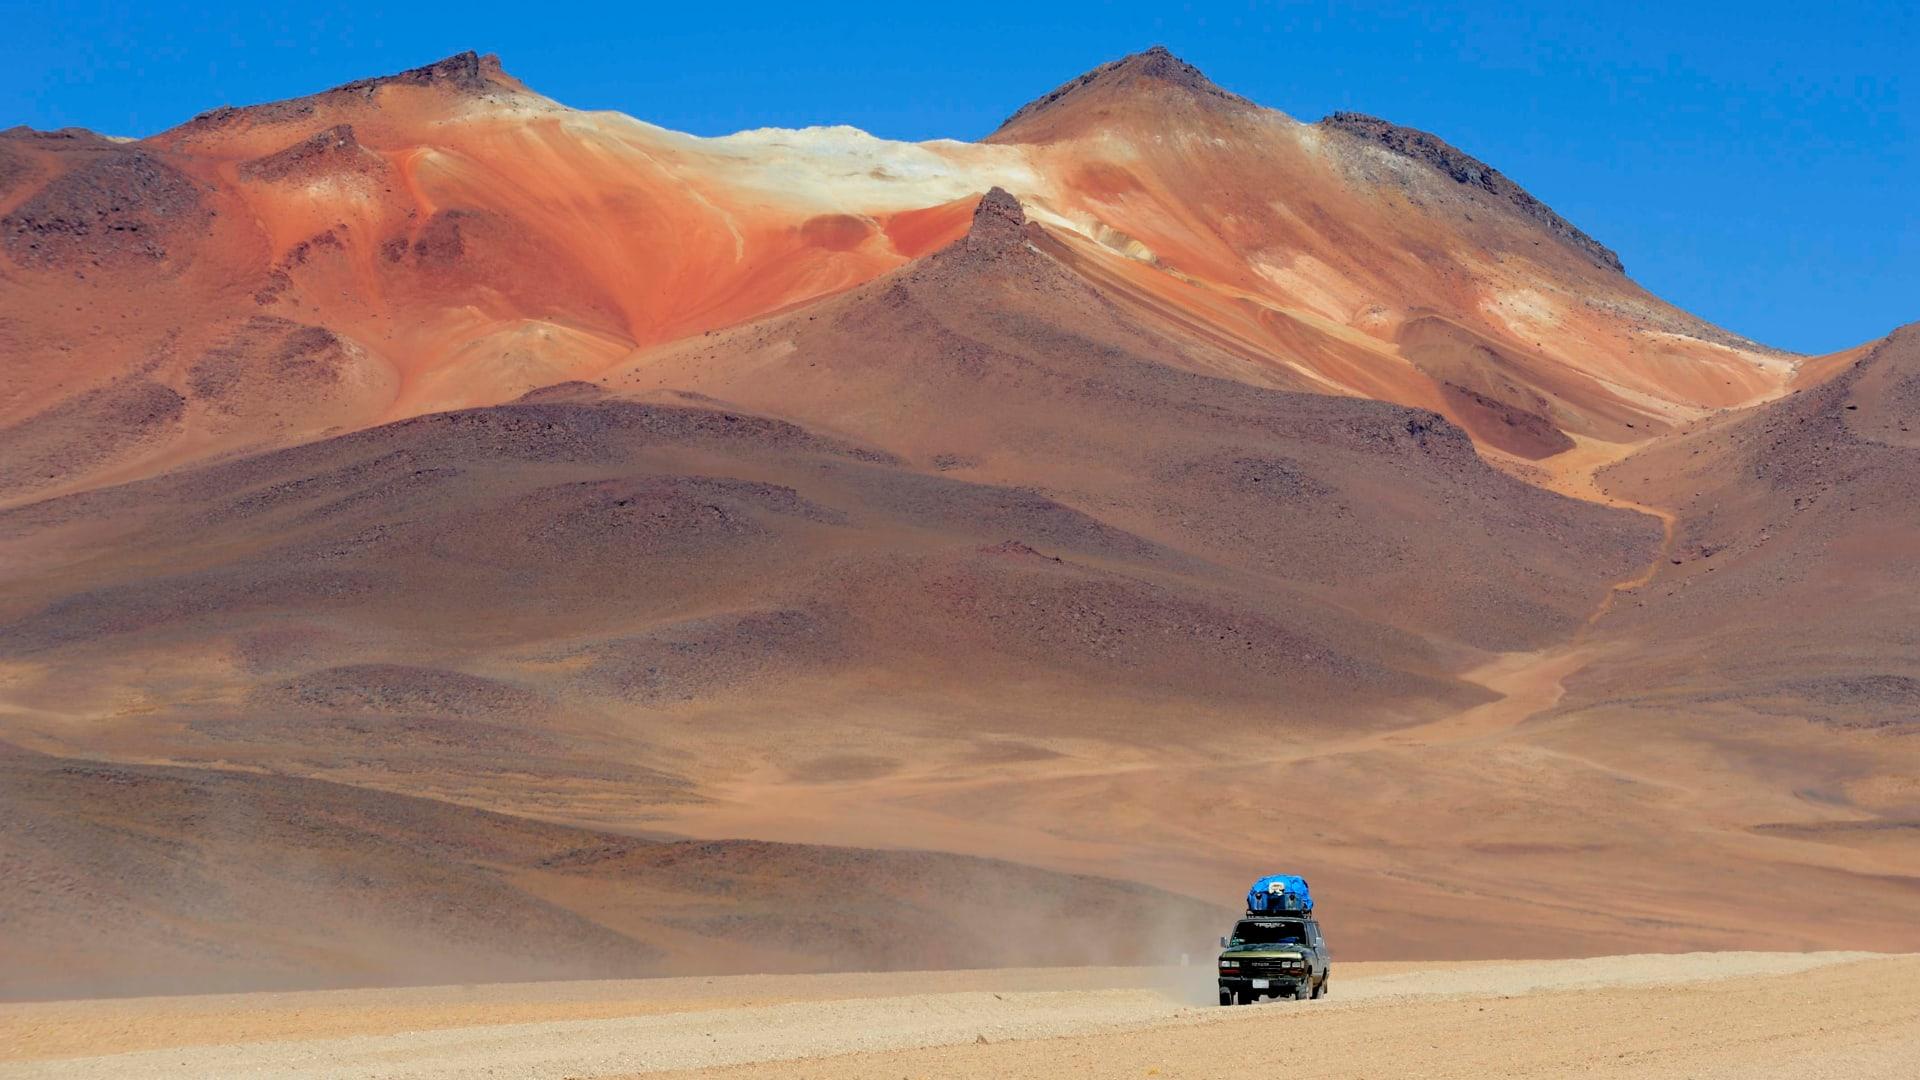 تتميز أتاكاما، بأخاديدها الصخرية الملونة، وبراكينها المغطاة بالثلوج، والبحيرات الفيروزية، والبالوعات الحارة المغلية.